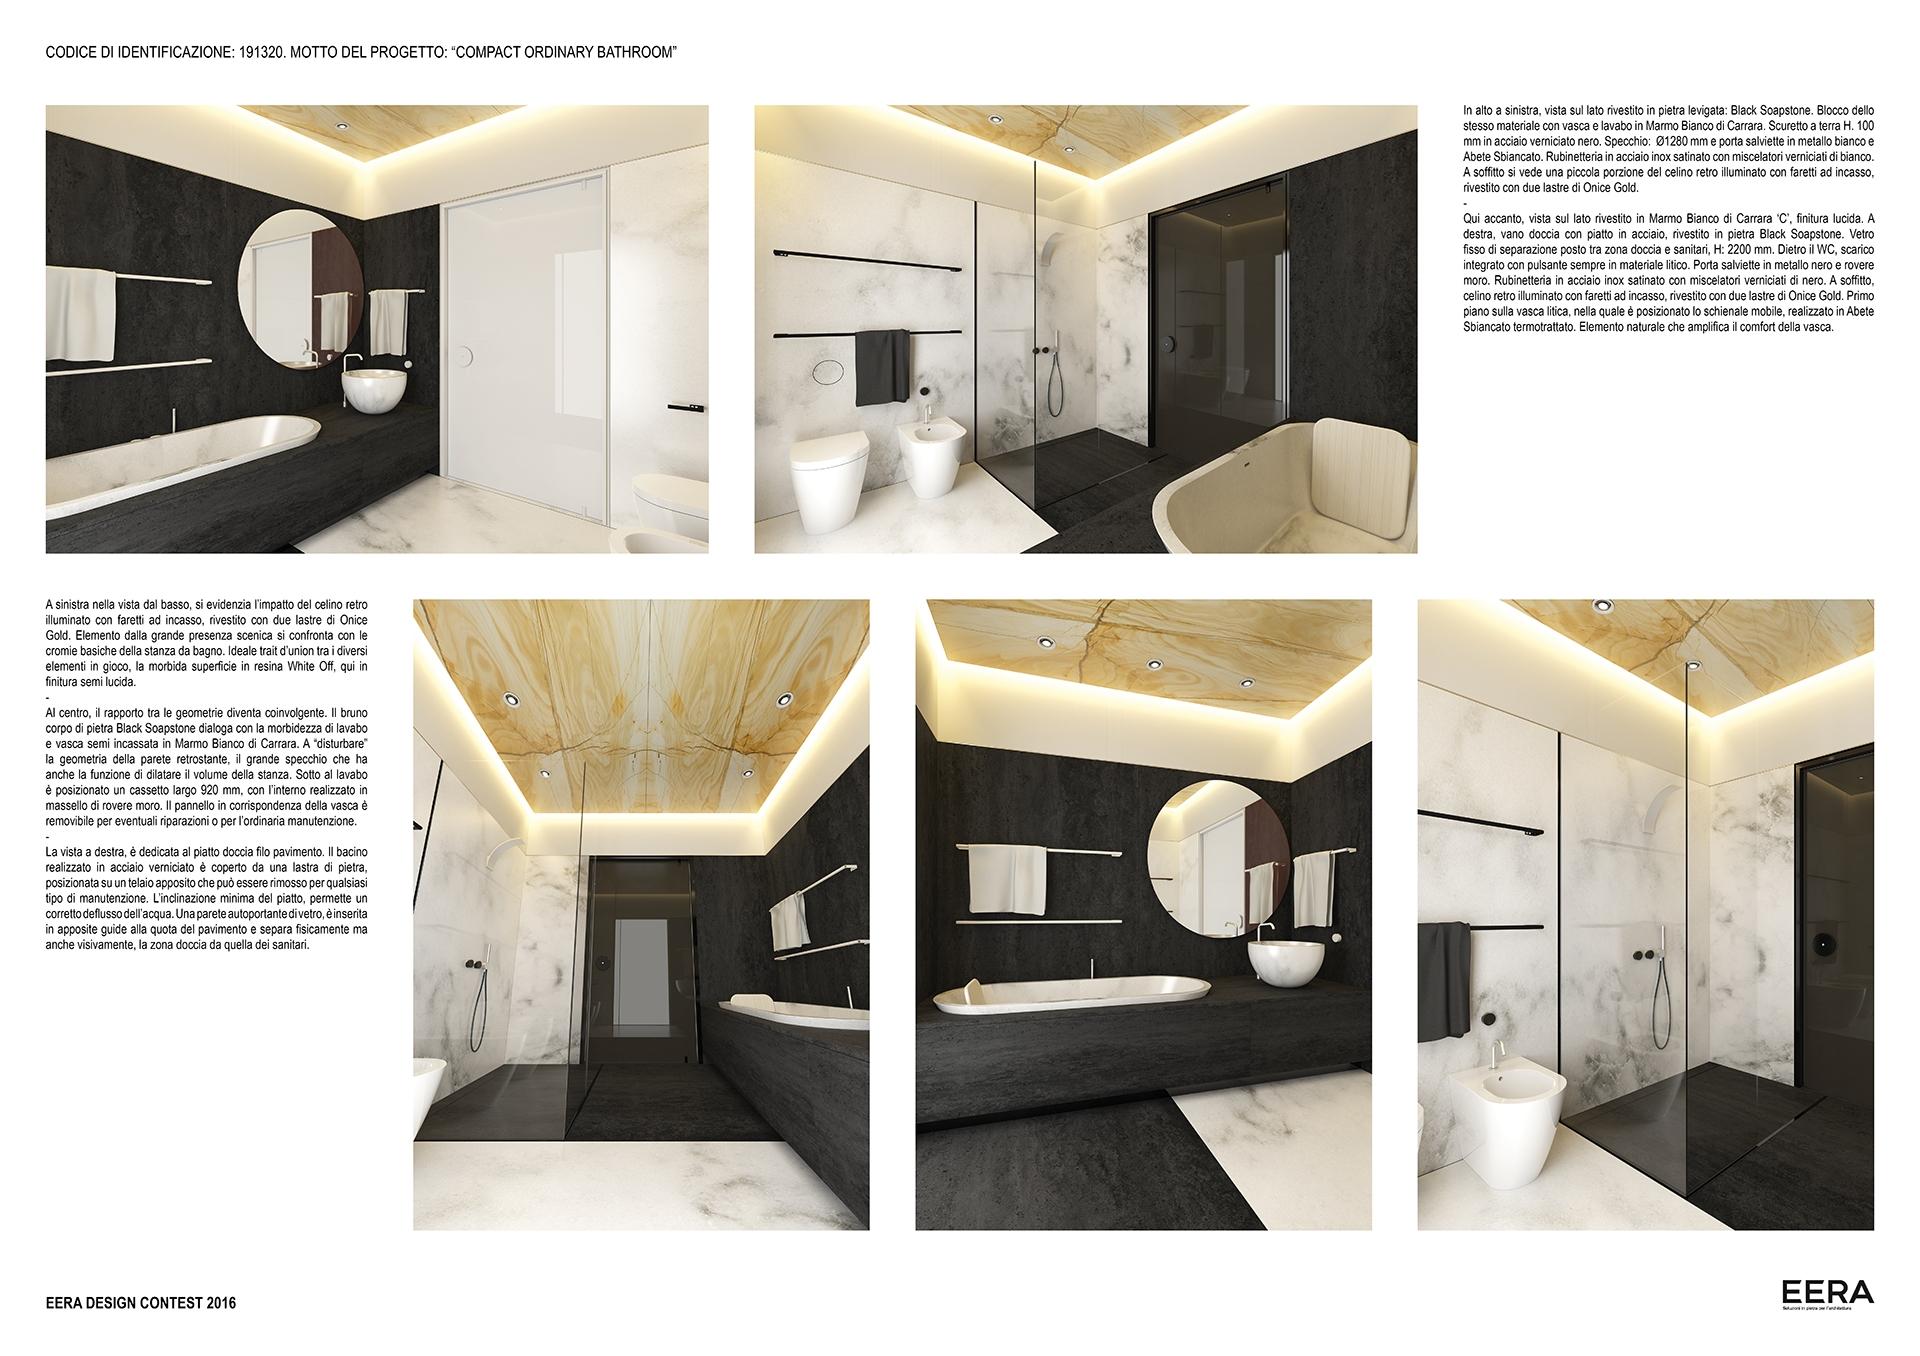 Spazio minimo per un bagno latest spazio minimo per un bagno with spazio minimo per un bagno - Misure bagno minimo ...